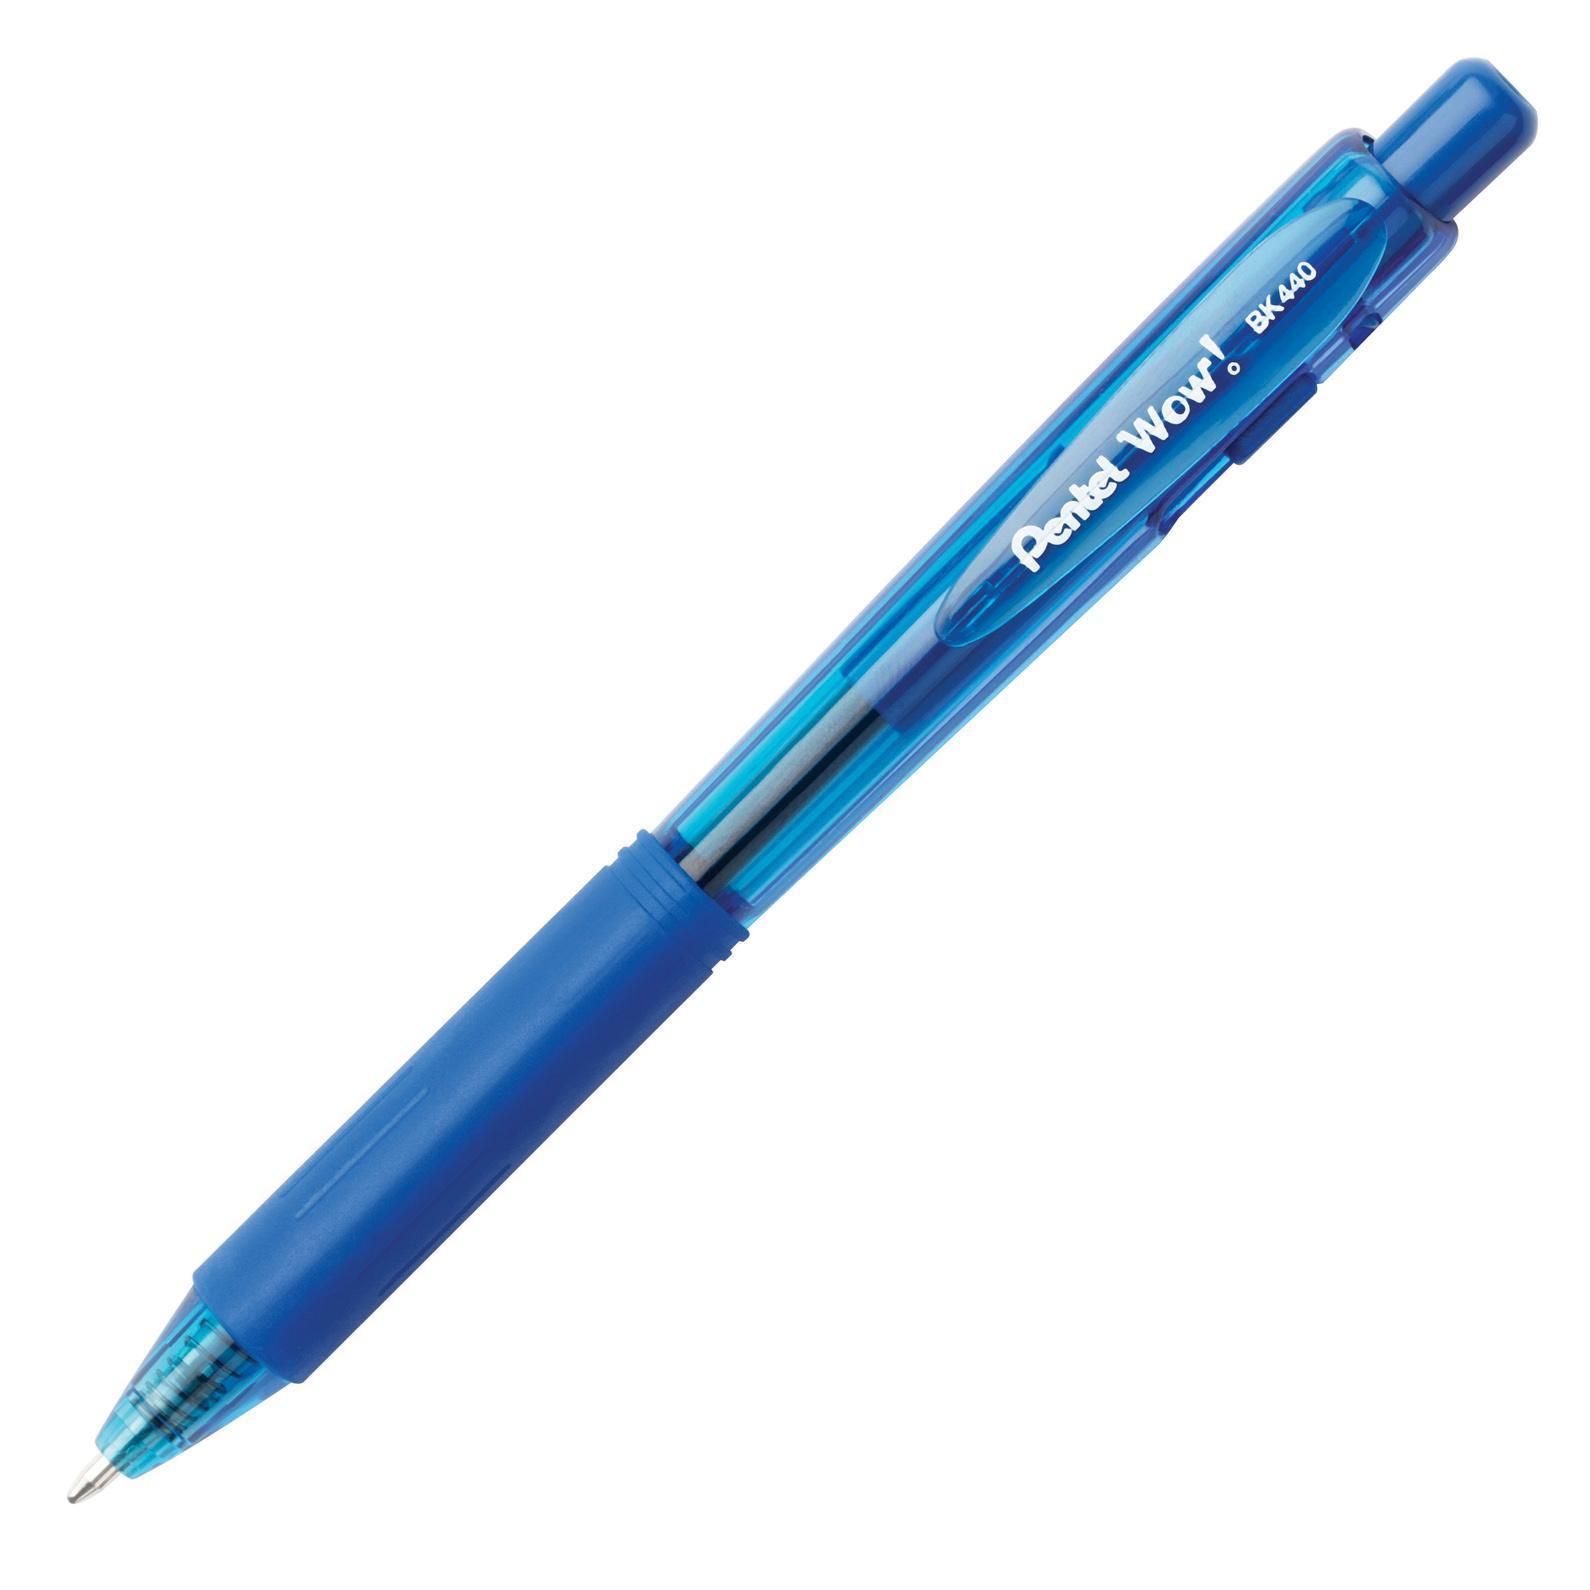 Шар.ручка авт. синий стержень 1.0 мм трехгран.корпус, в блистереPBK440-C